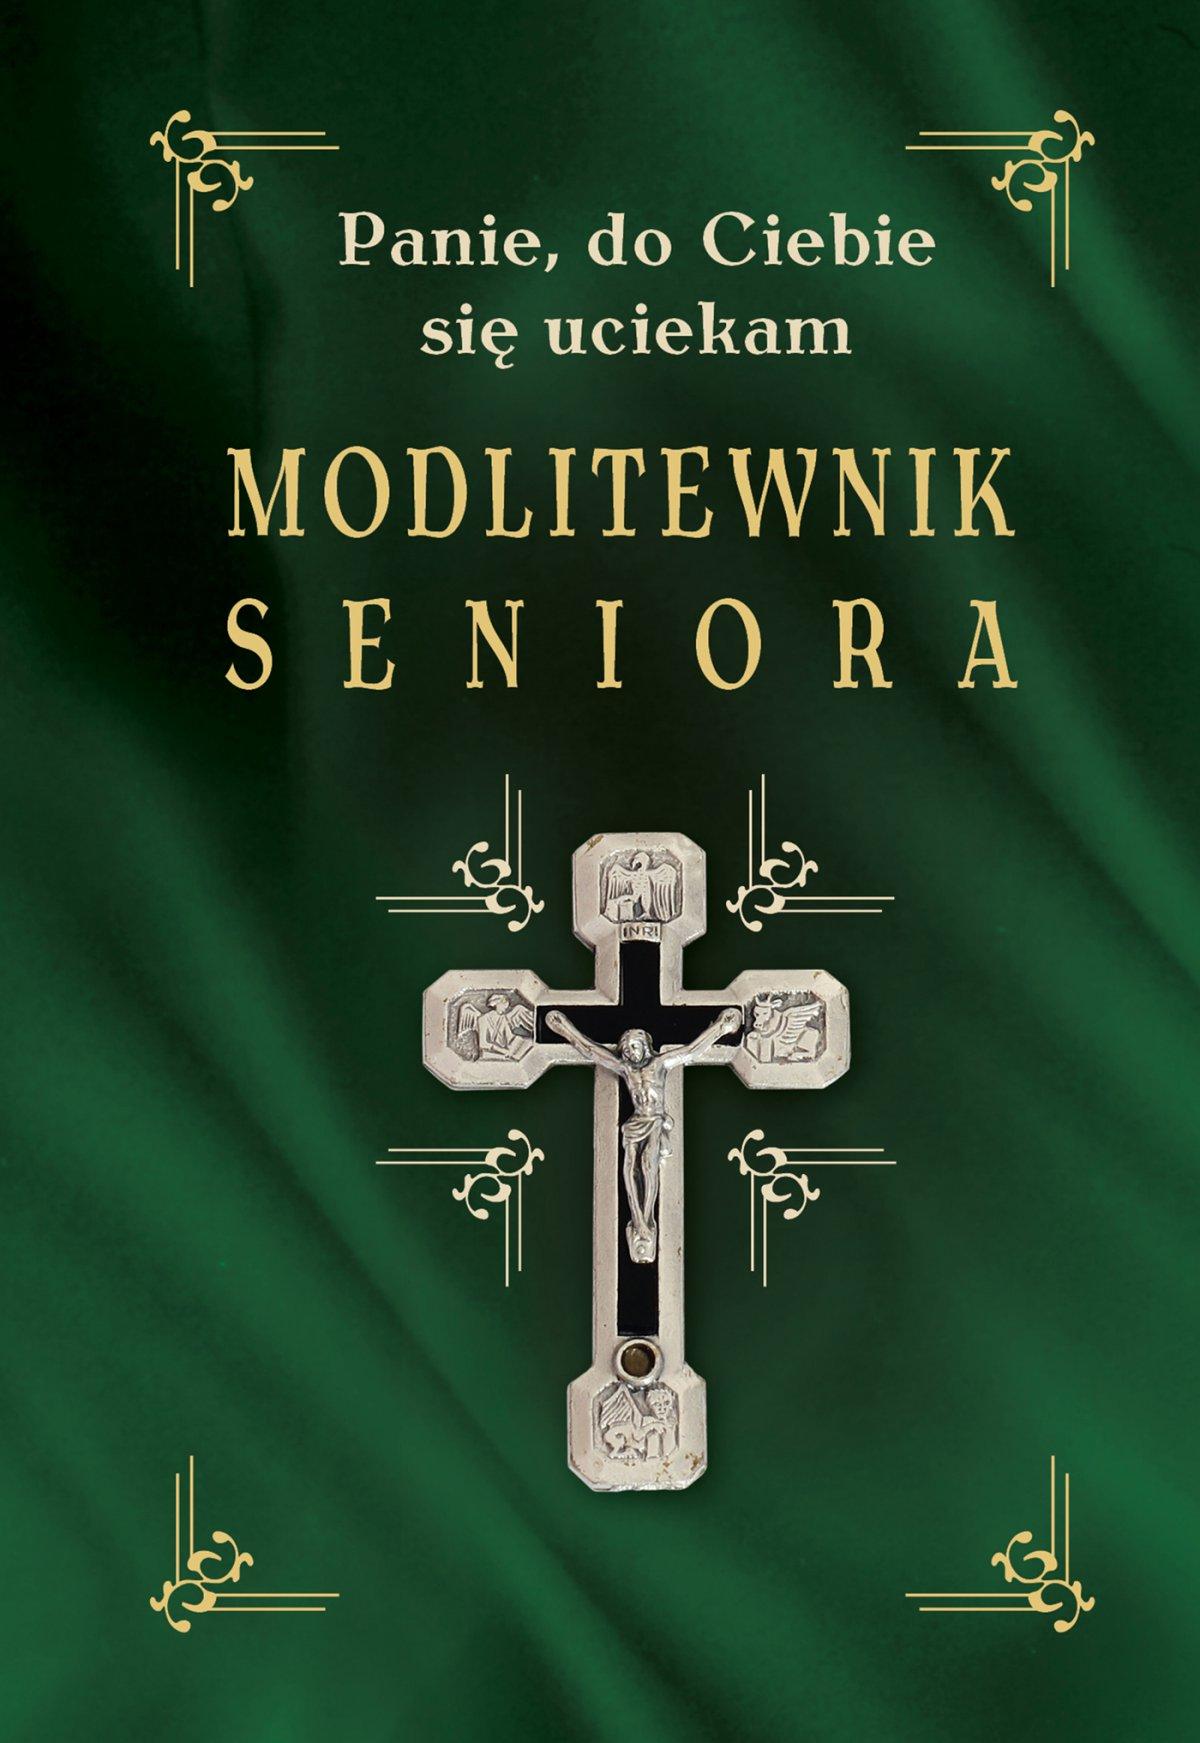 Modlitewnik seniora. Panie, do Ciebie się uciekam - Ebook (Książka na Kindle) do pobrania w formacie MOBI